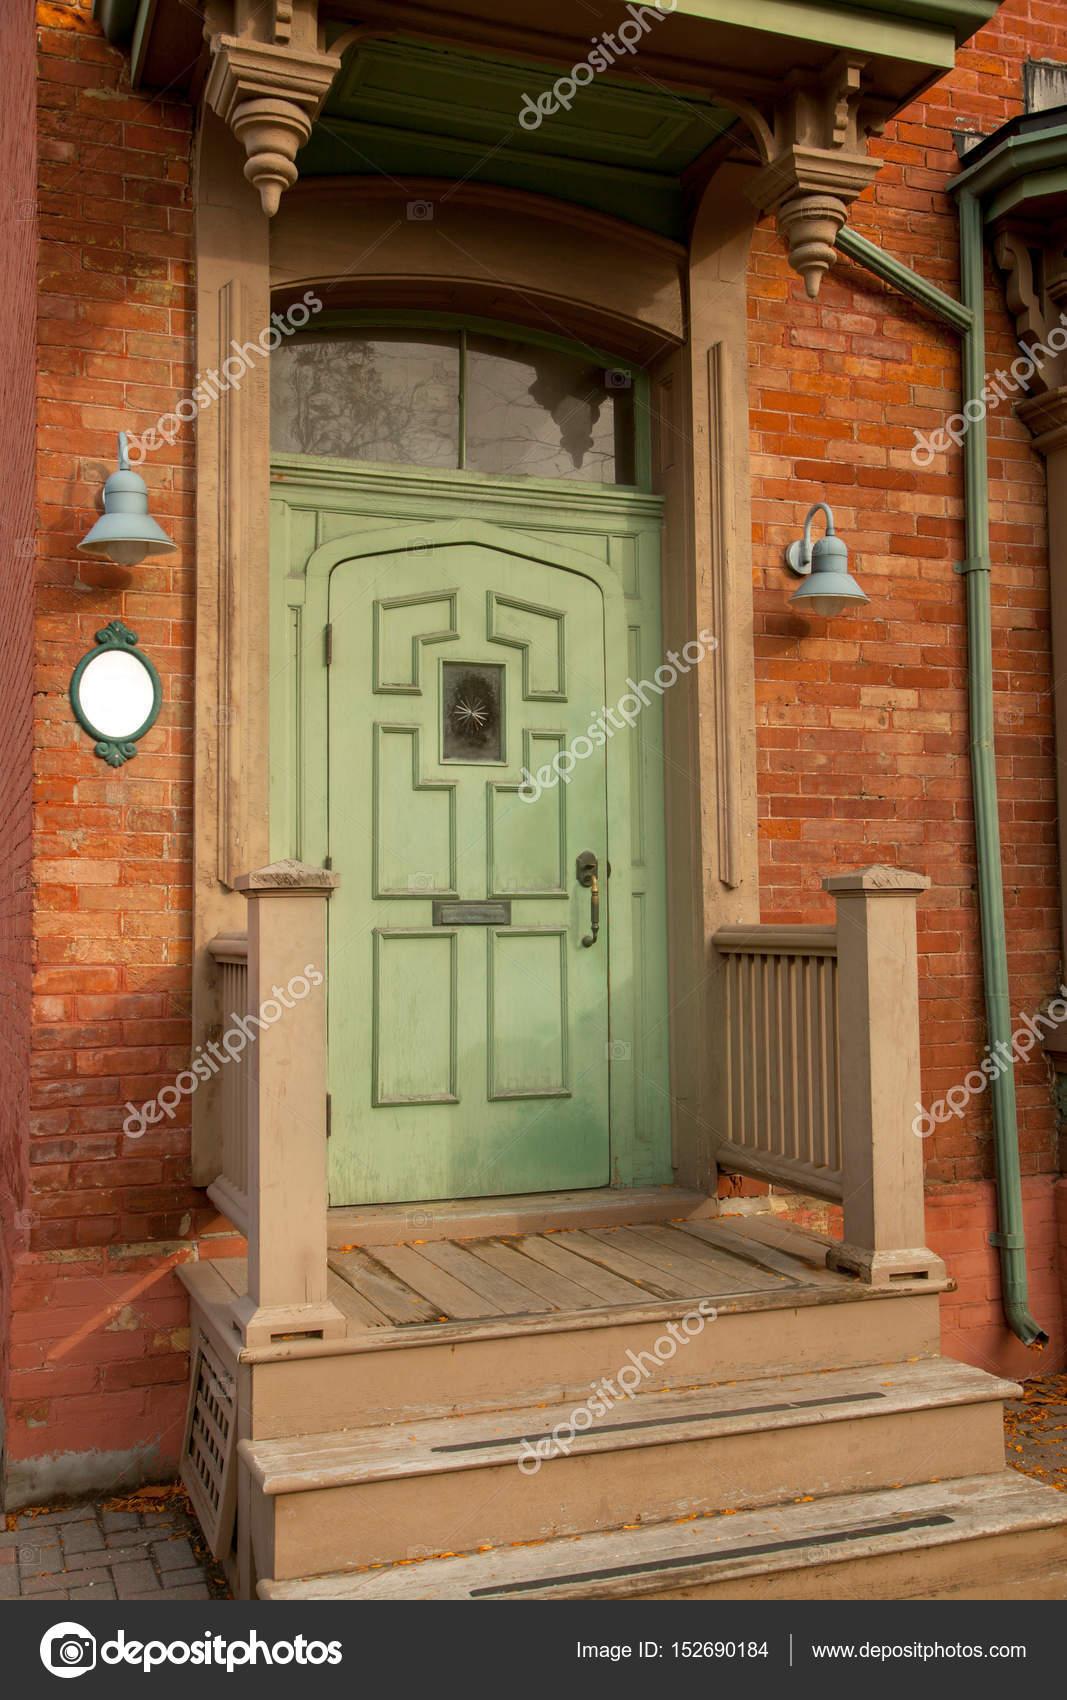 Antique Doors in Toronto, Canada — Photo by Vividrange - Green Antique Doors In Toronto, Canada — Stock Photo © Vividrange